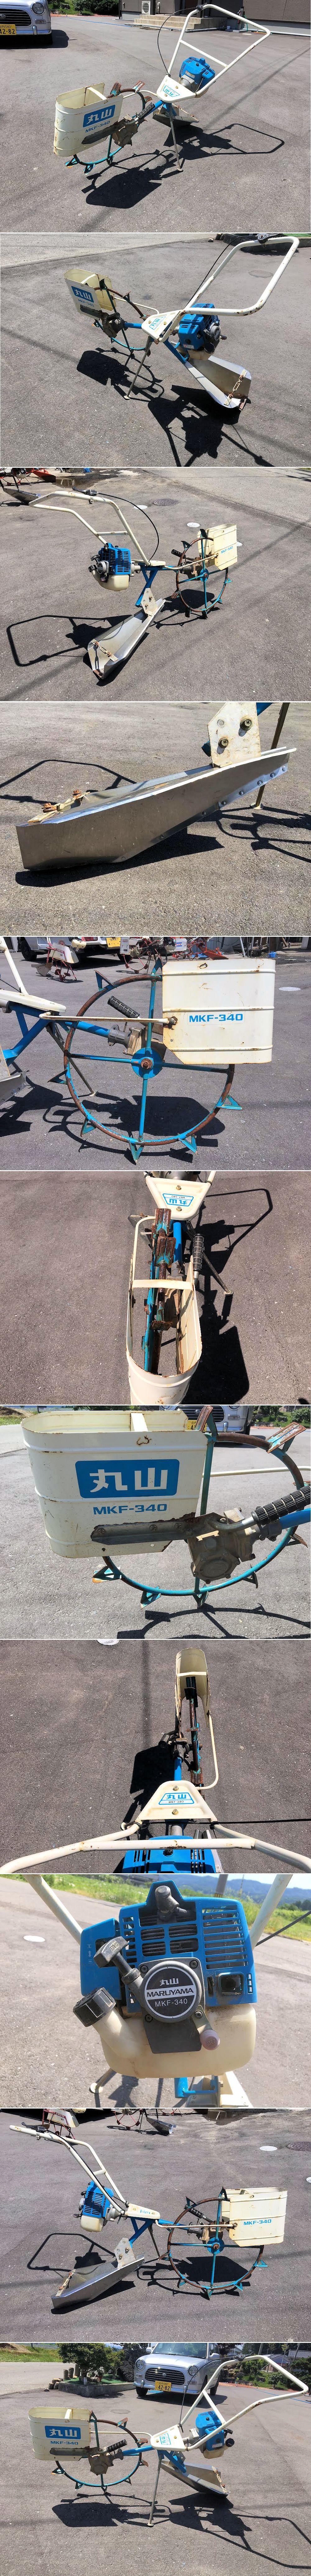 丸山 マルヤマ 水田溝切機 MKF-340 美品 実働 中古品